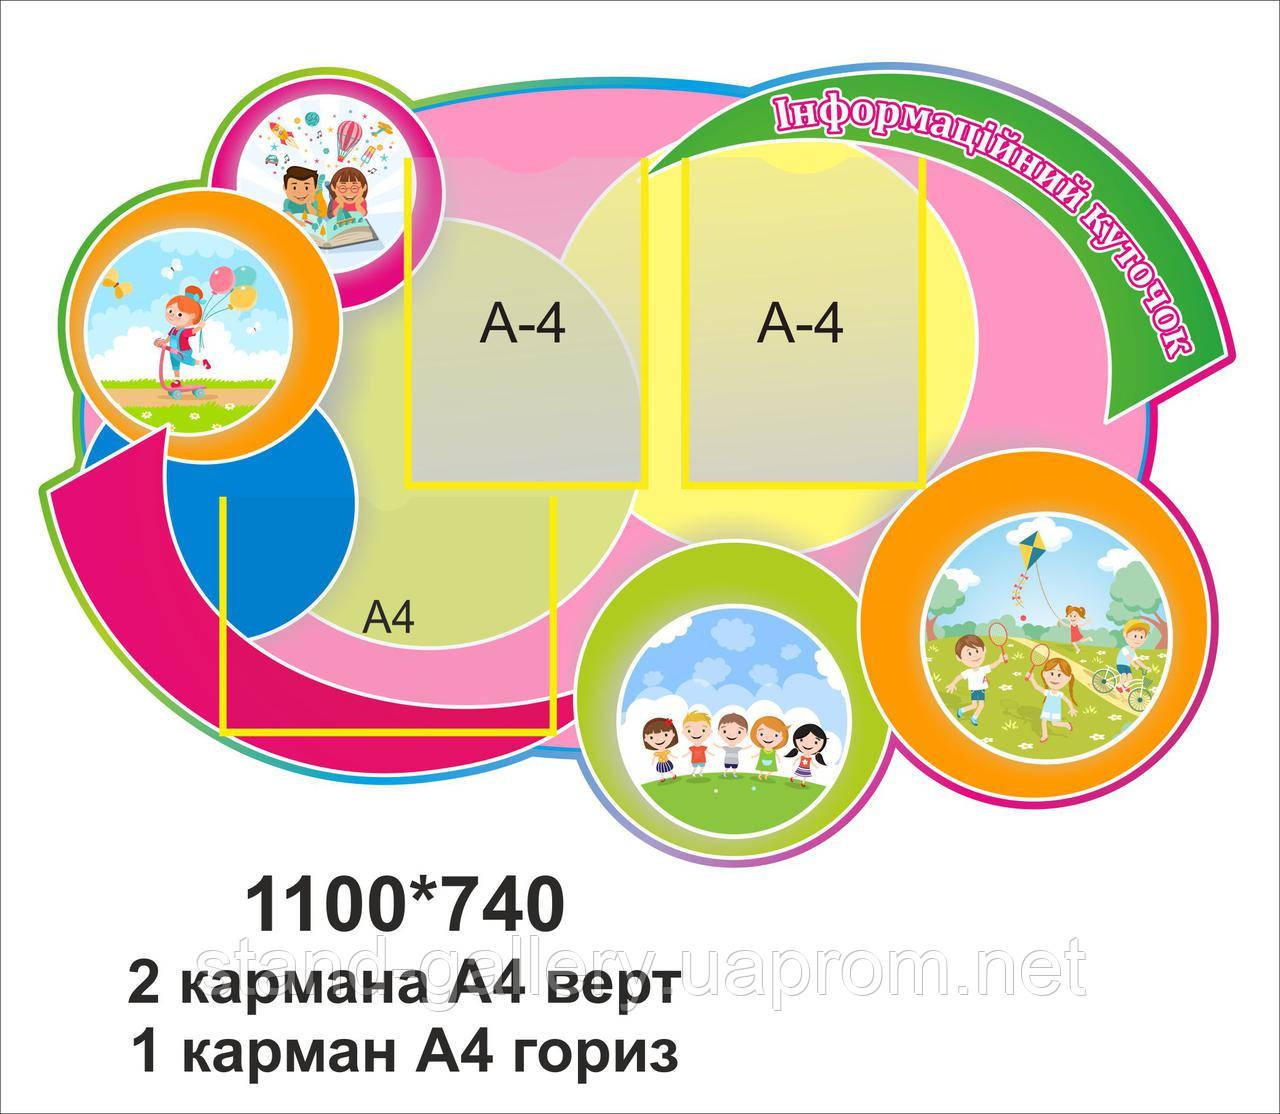 Оформлення кабінету початкових класів